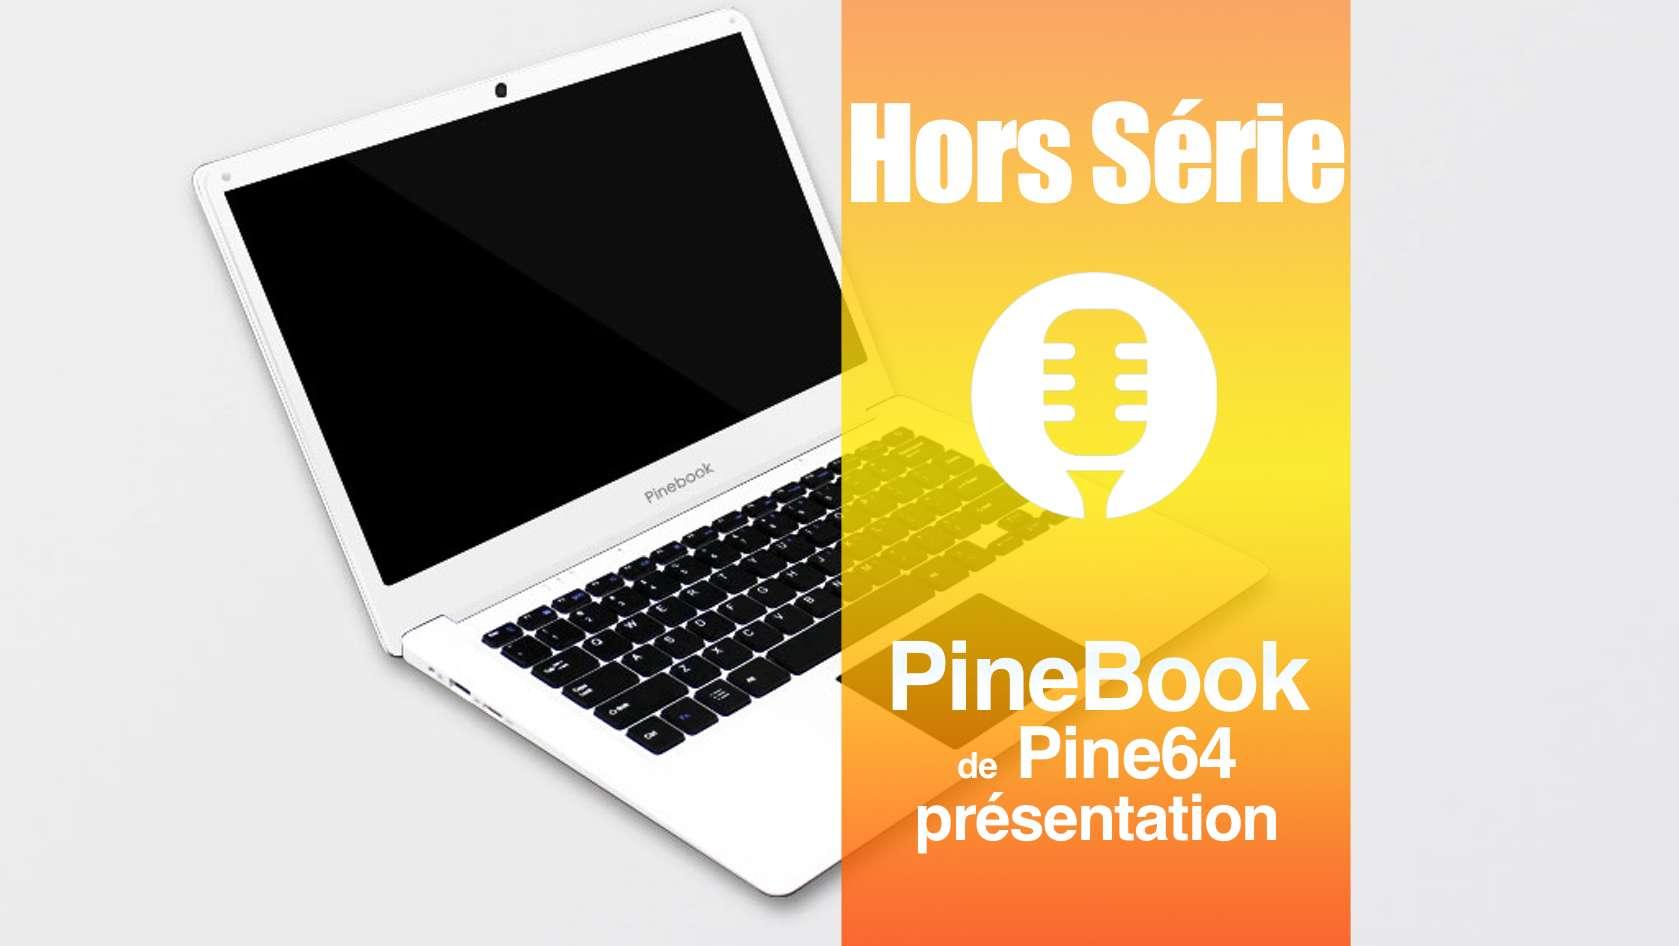 Hors série: PineBook, un laptop à moins de 100 € signé Pine64